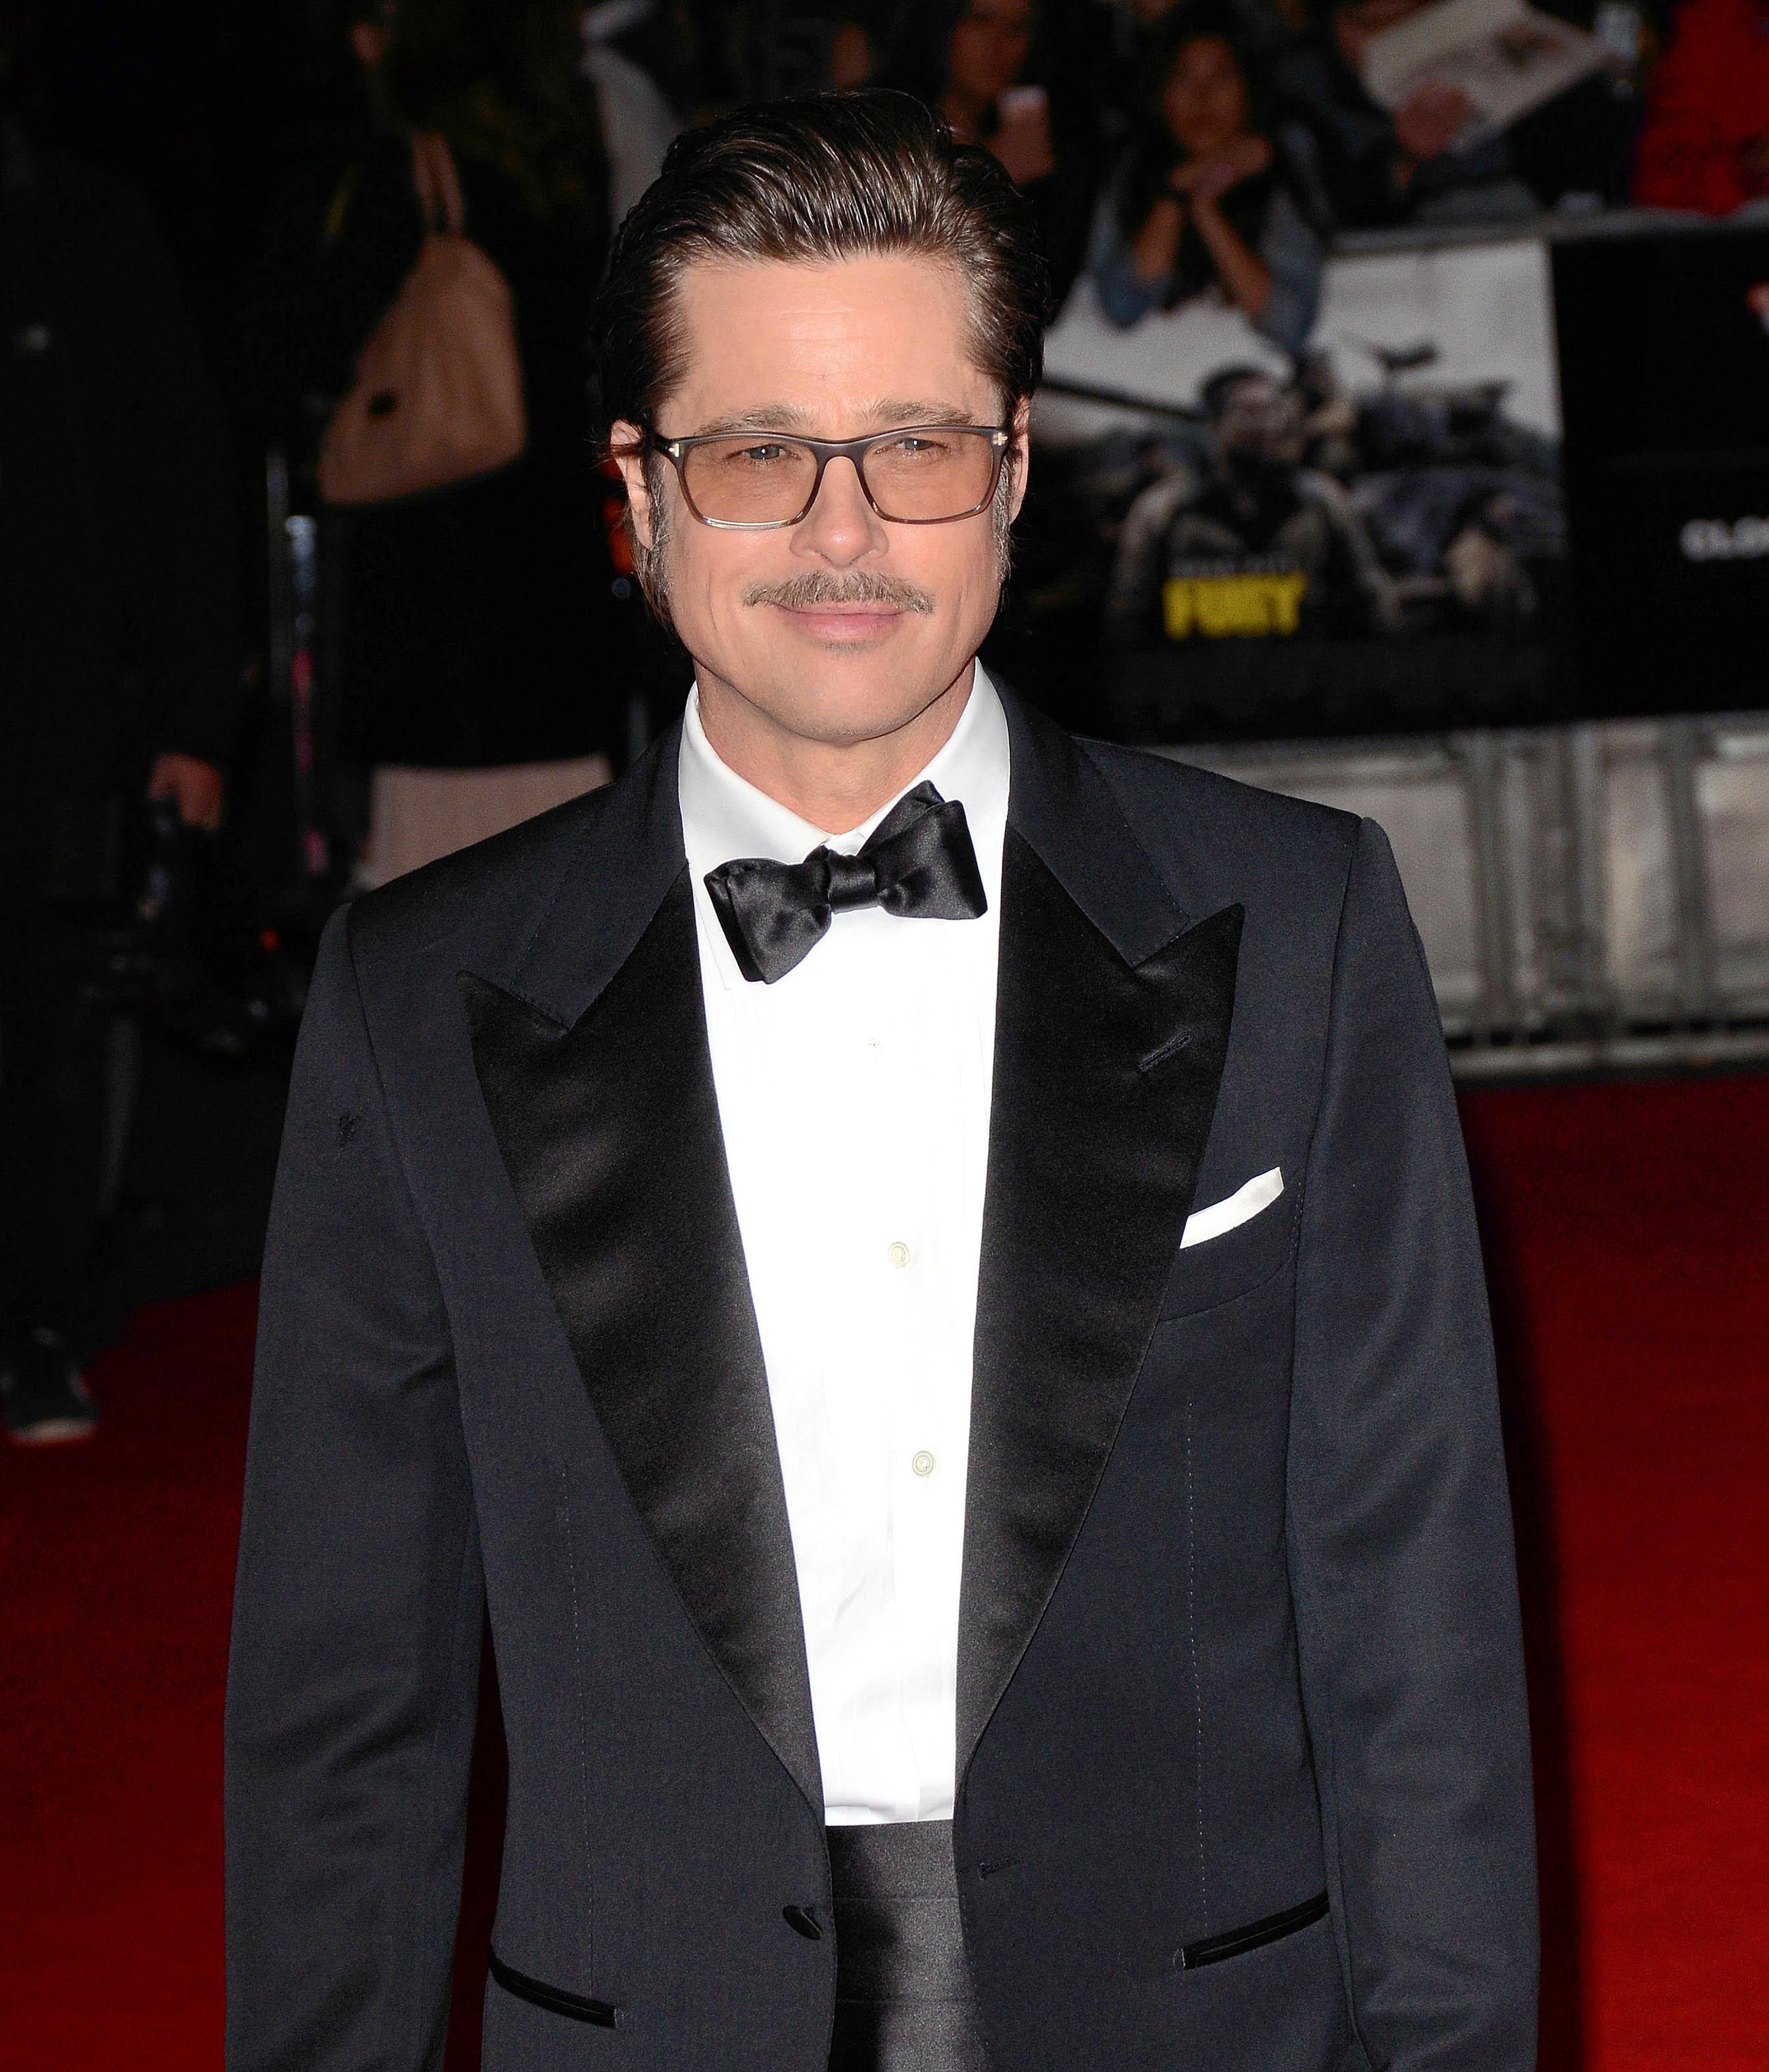 Brad Pitt nixed from jury